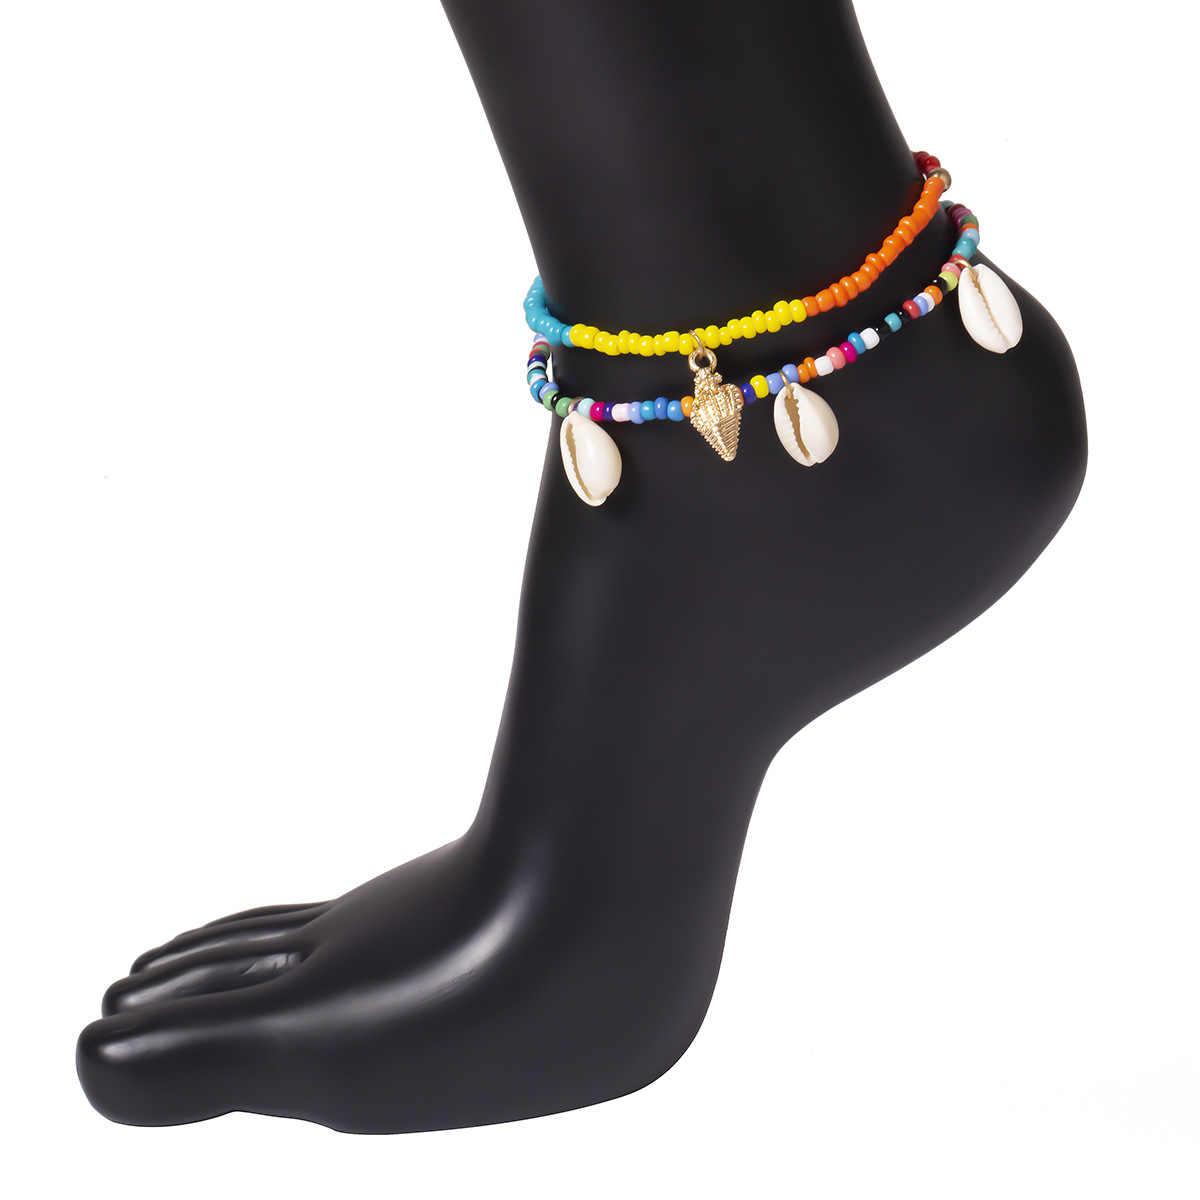 2 יח'\סט בוהמי טבעי ים פגז חרוזים Anklets לנשים Coloful צמיד על רגל שרשרת עכס קיץ חוף תכשיטי רגל 2019